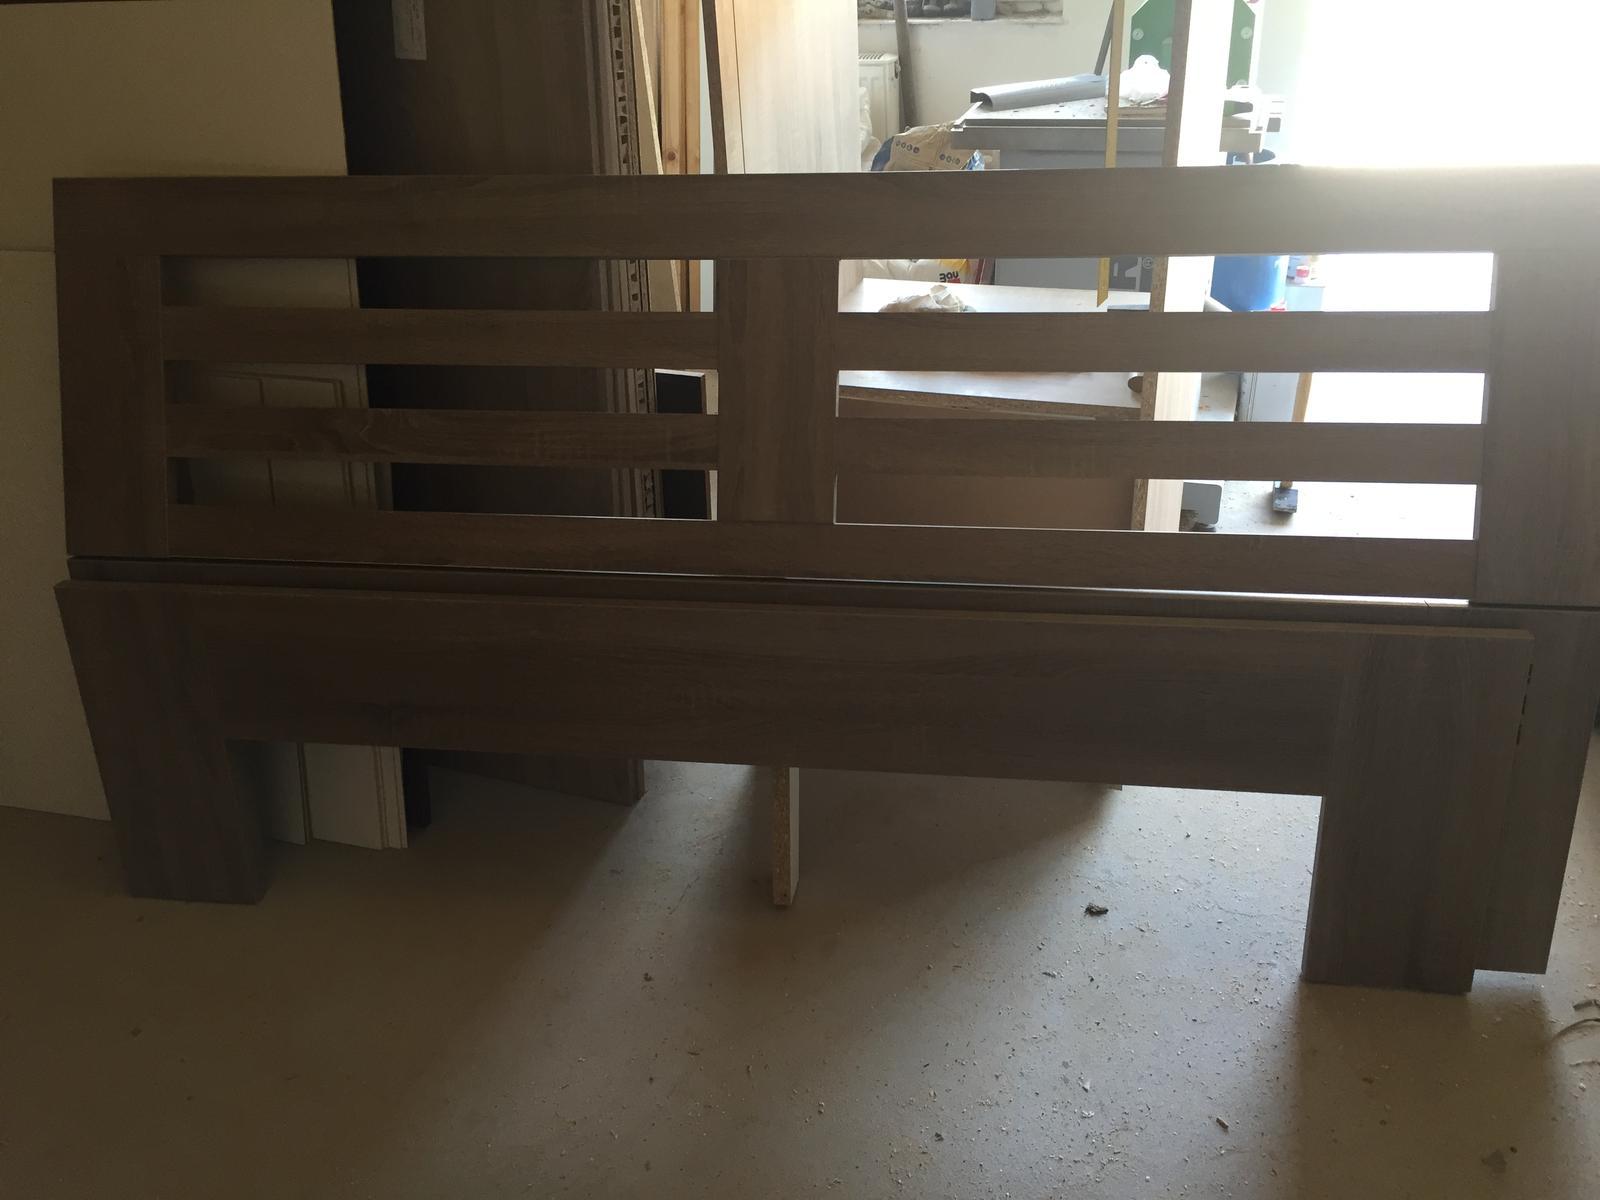 Dub sonoma trufle postelny ram a dva nocne stoliky - Obrázok č. 2